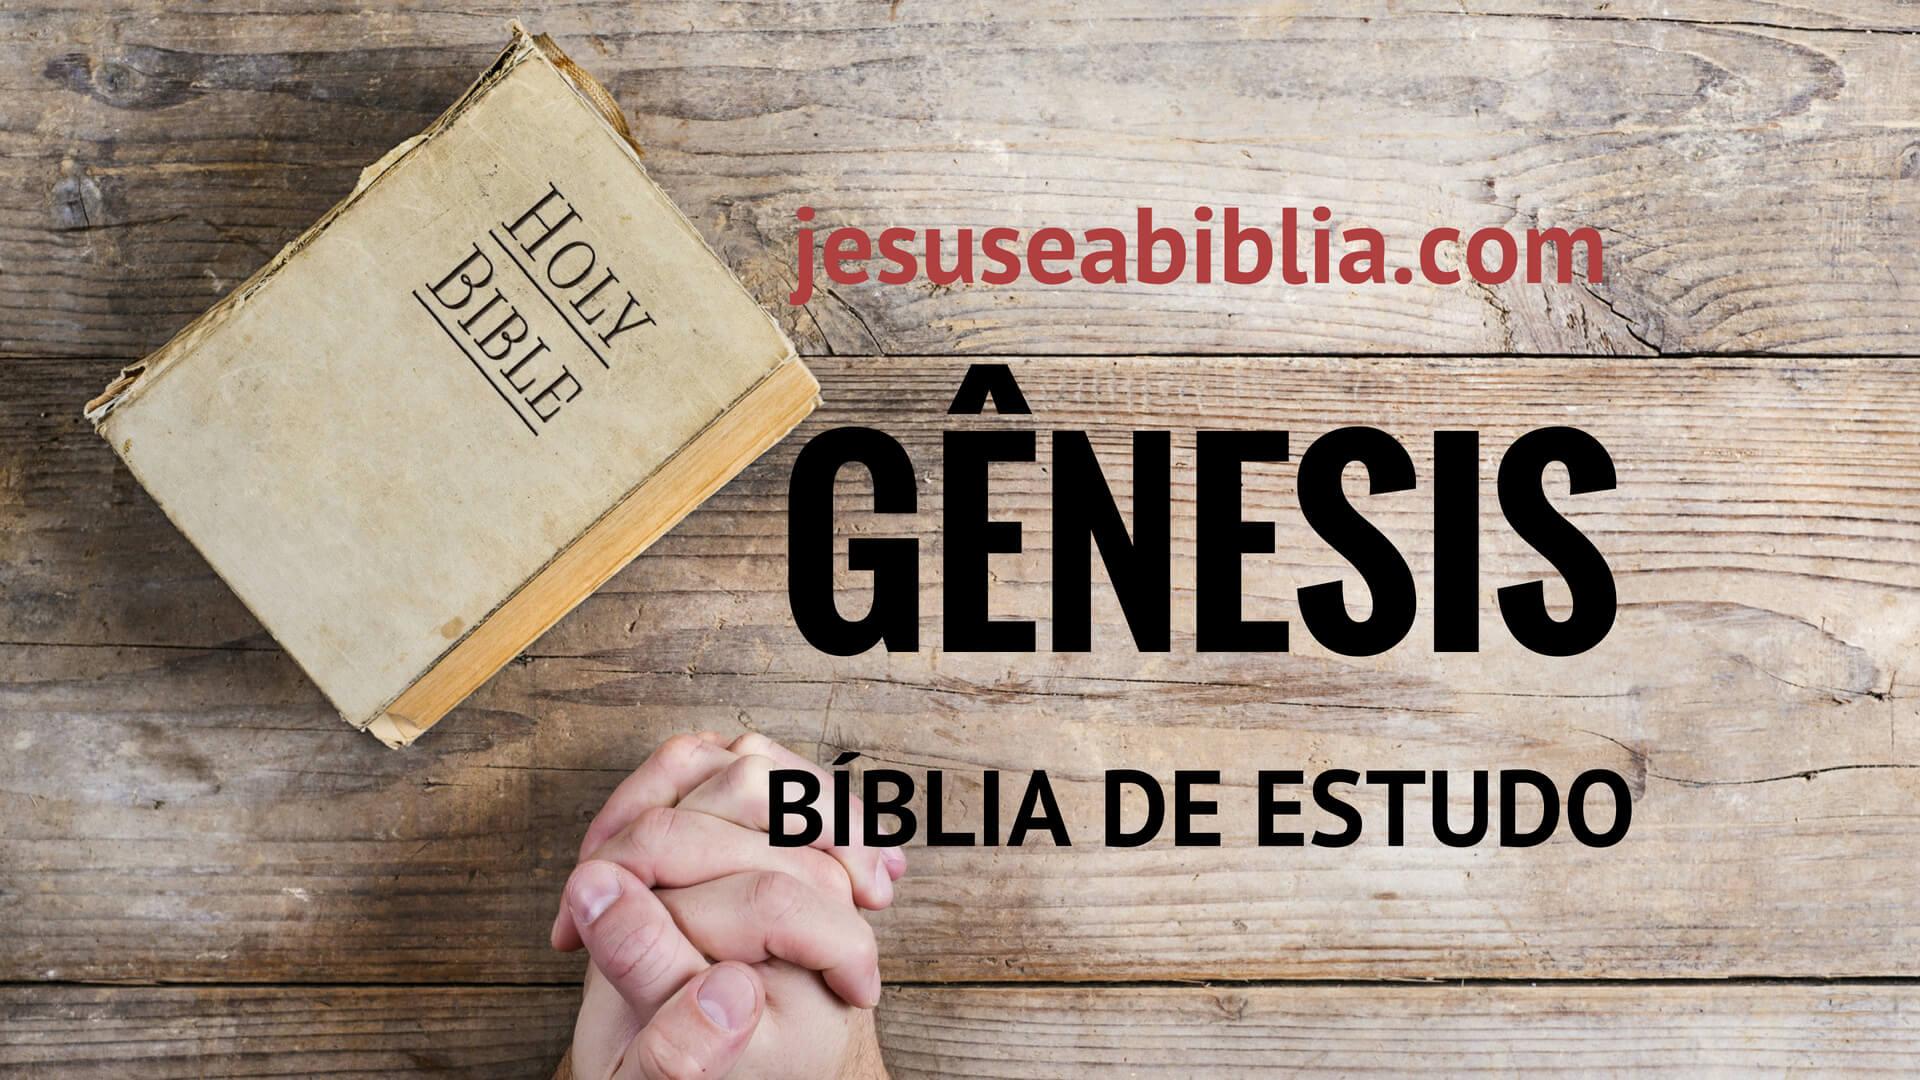 Gênesis - Bíblia de Estudo Online